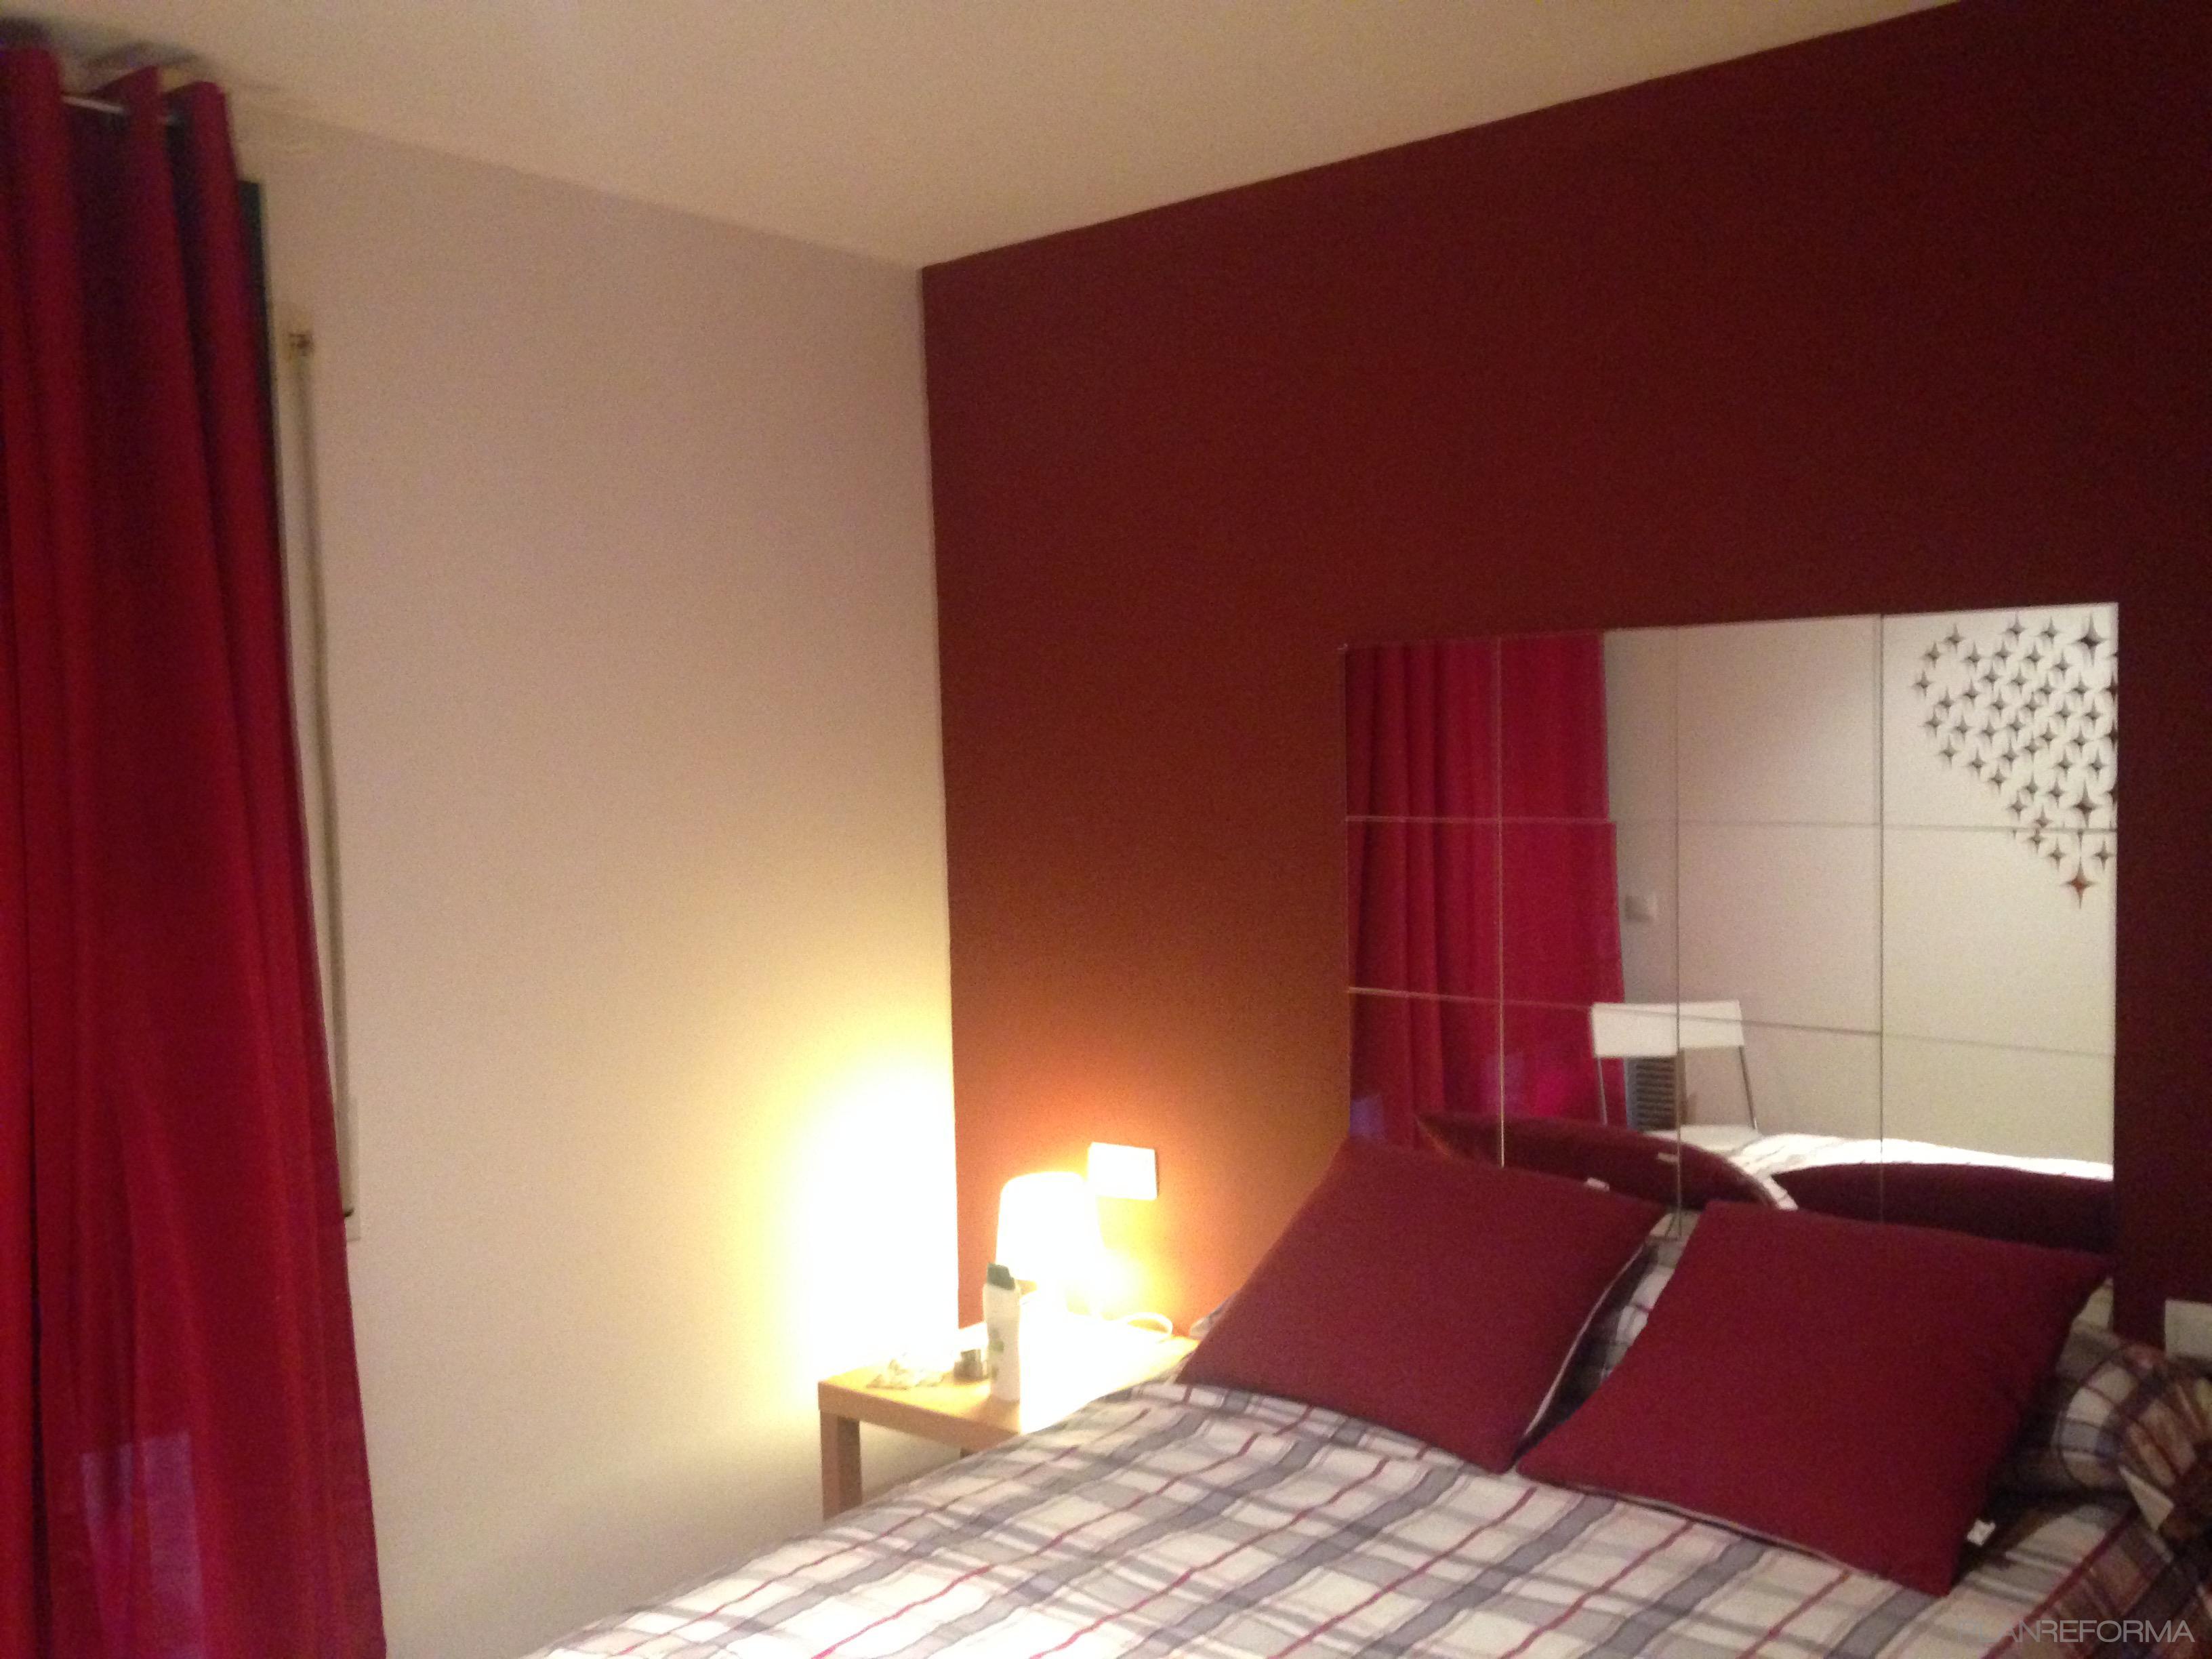 Dormitorio estilo moderno color rojo marron gris - Decoracion dormitorios juveniles pintura ...